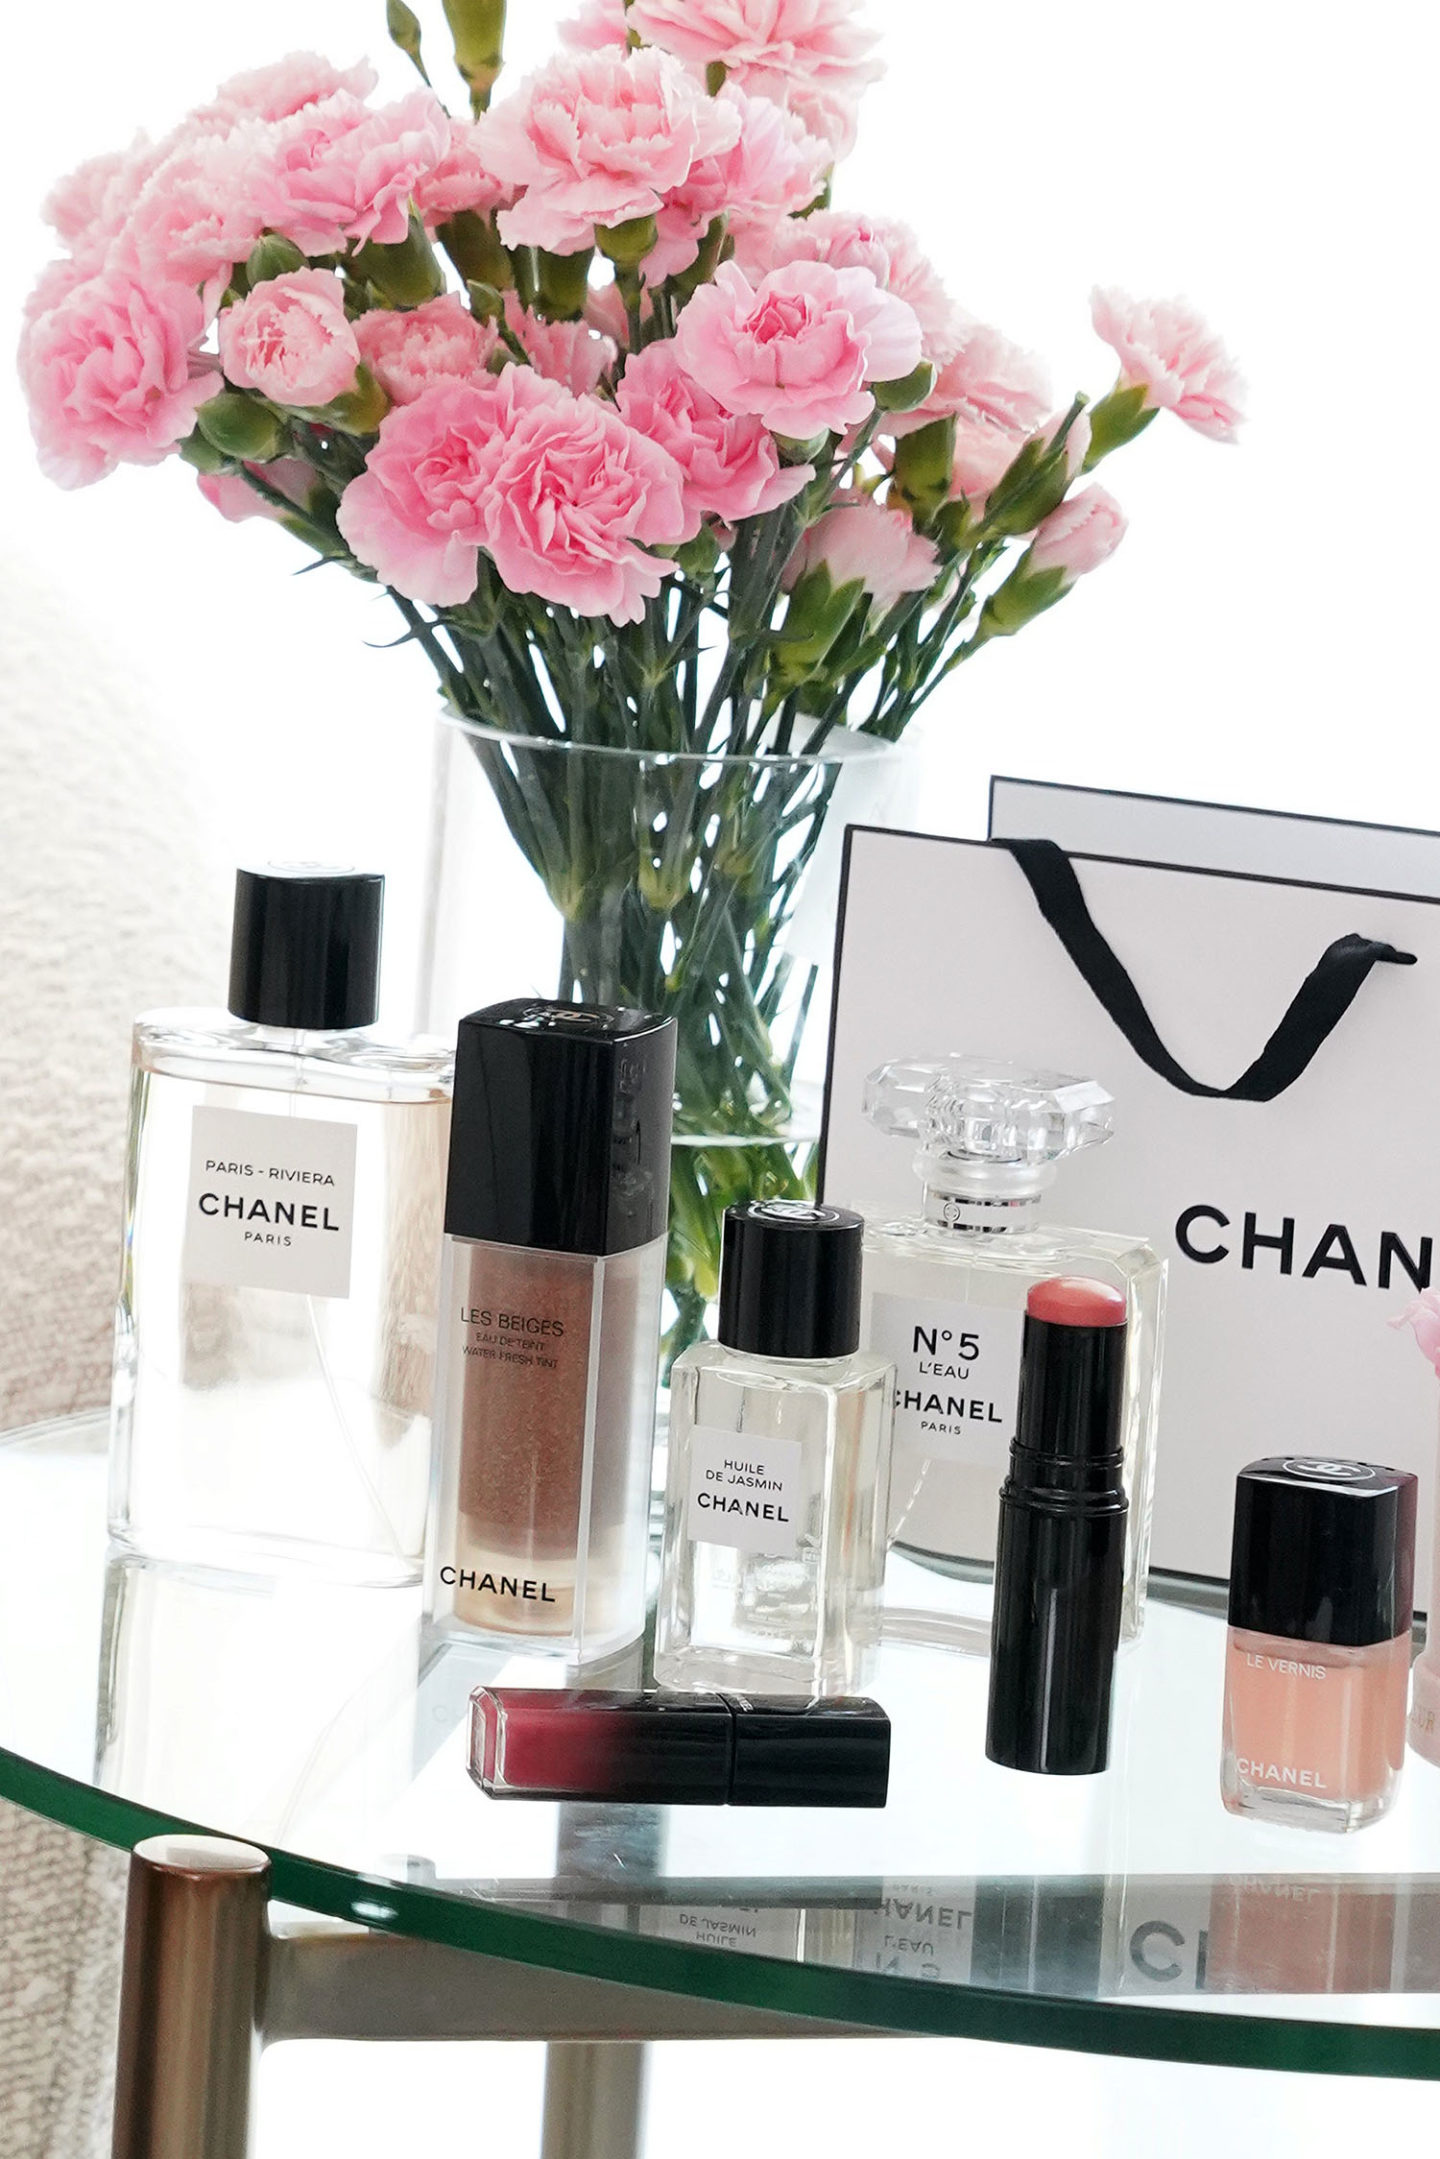 Meilleures idées de cadeaux pour la fête des mères Chanel Beauty